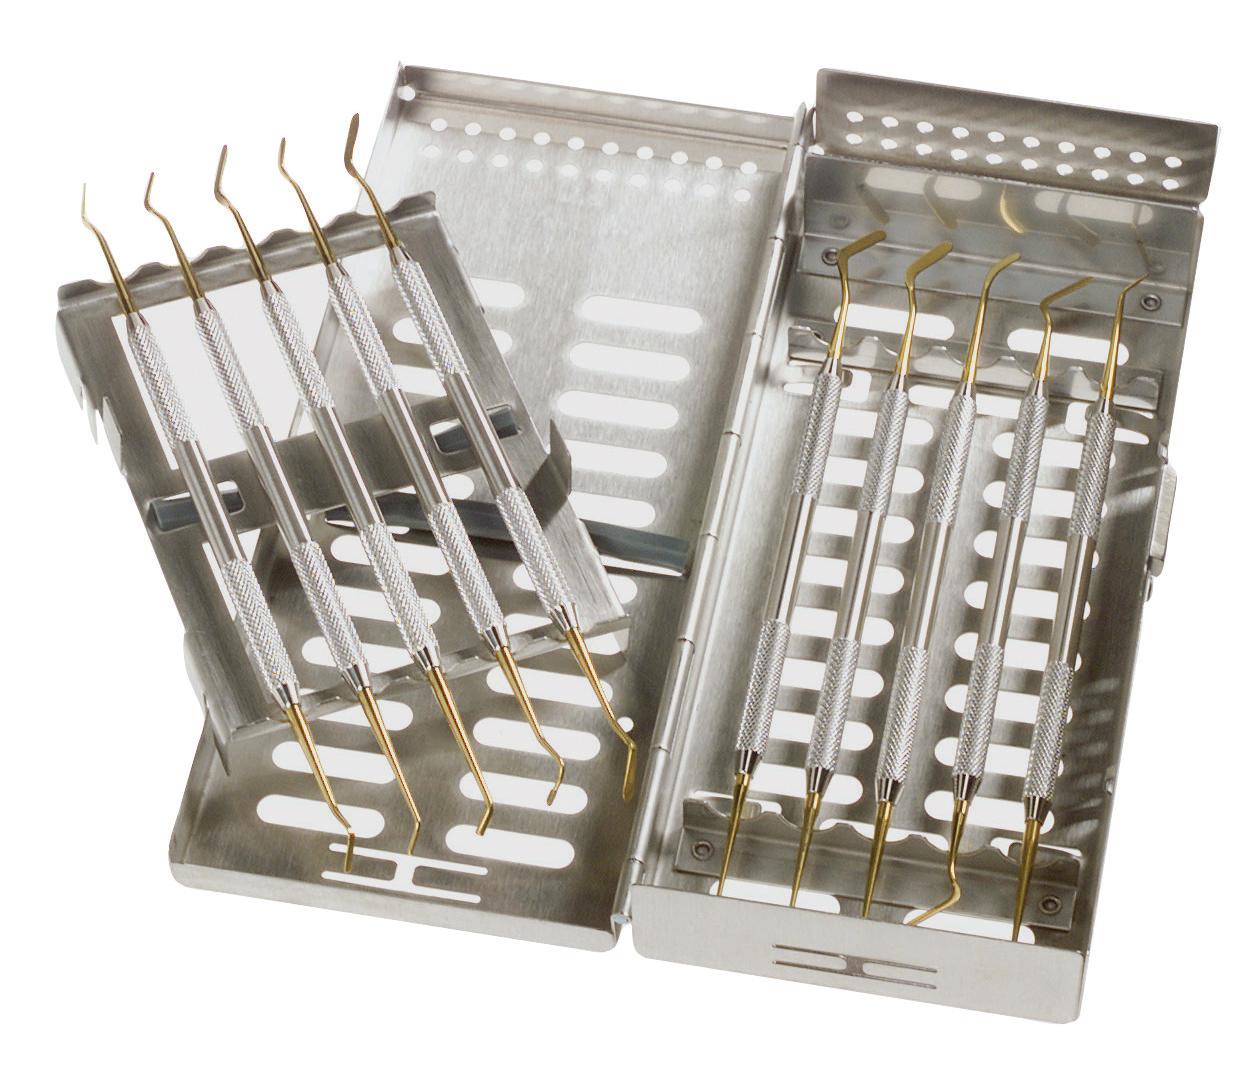 series-5-utility-rack-3-083005-miltex.jpg